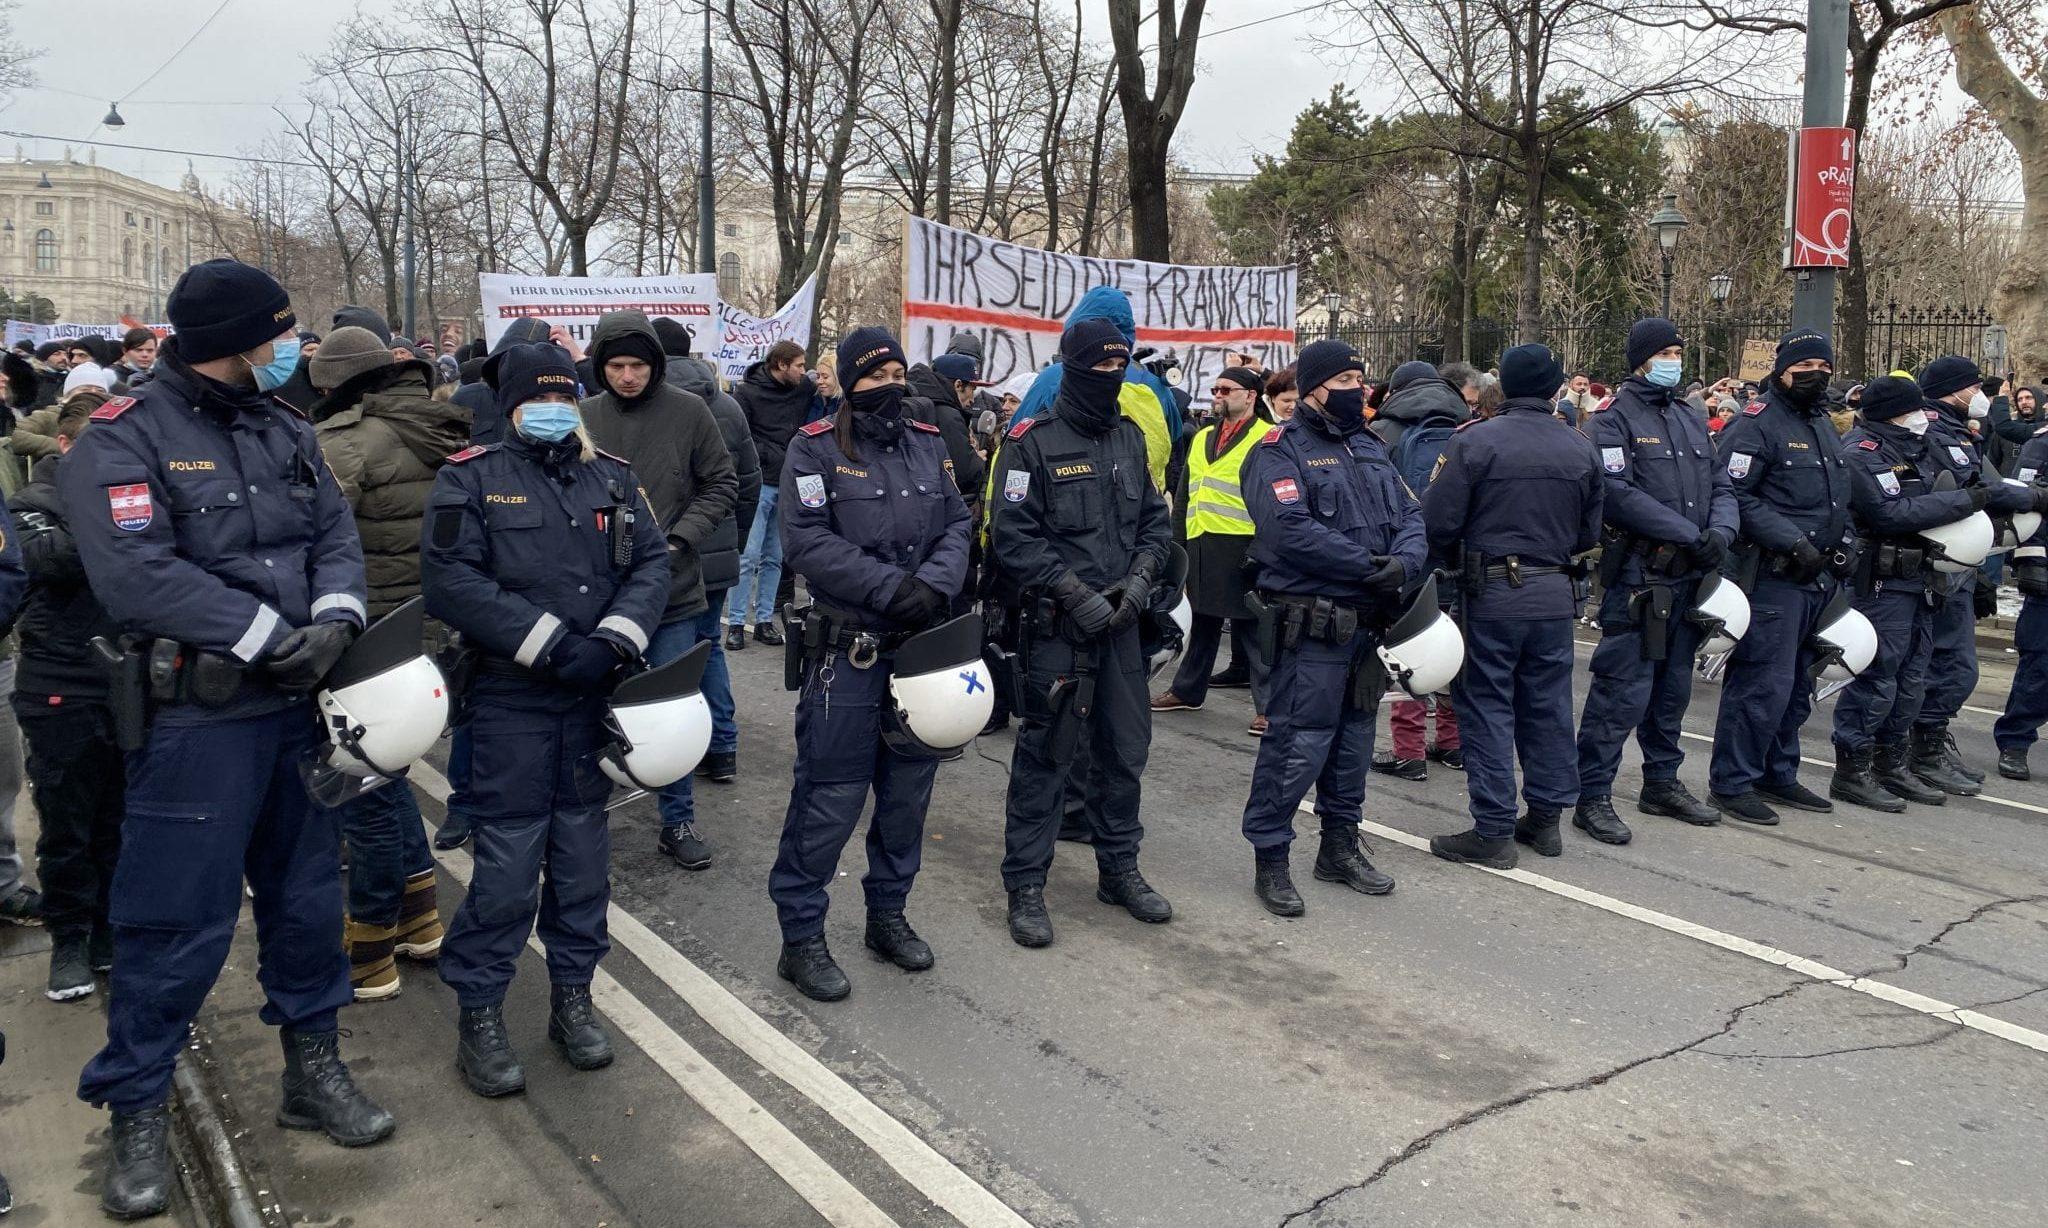 Polizei bei Demo